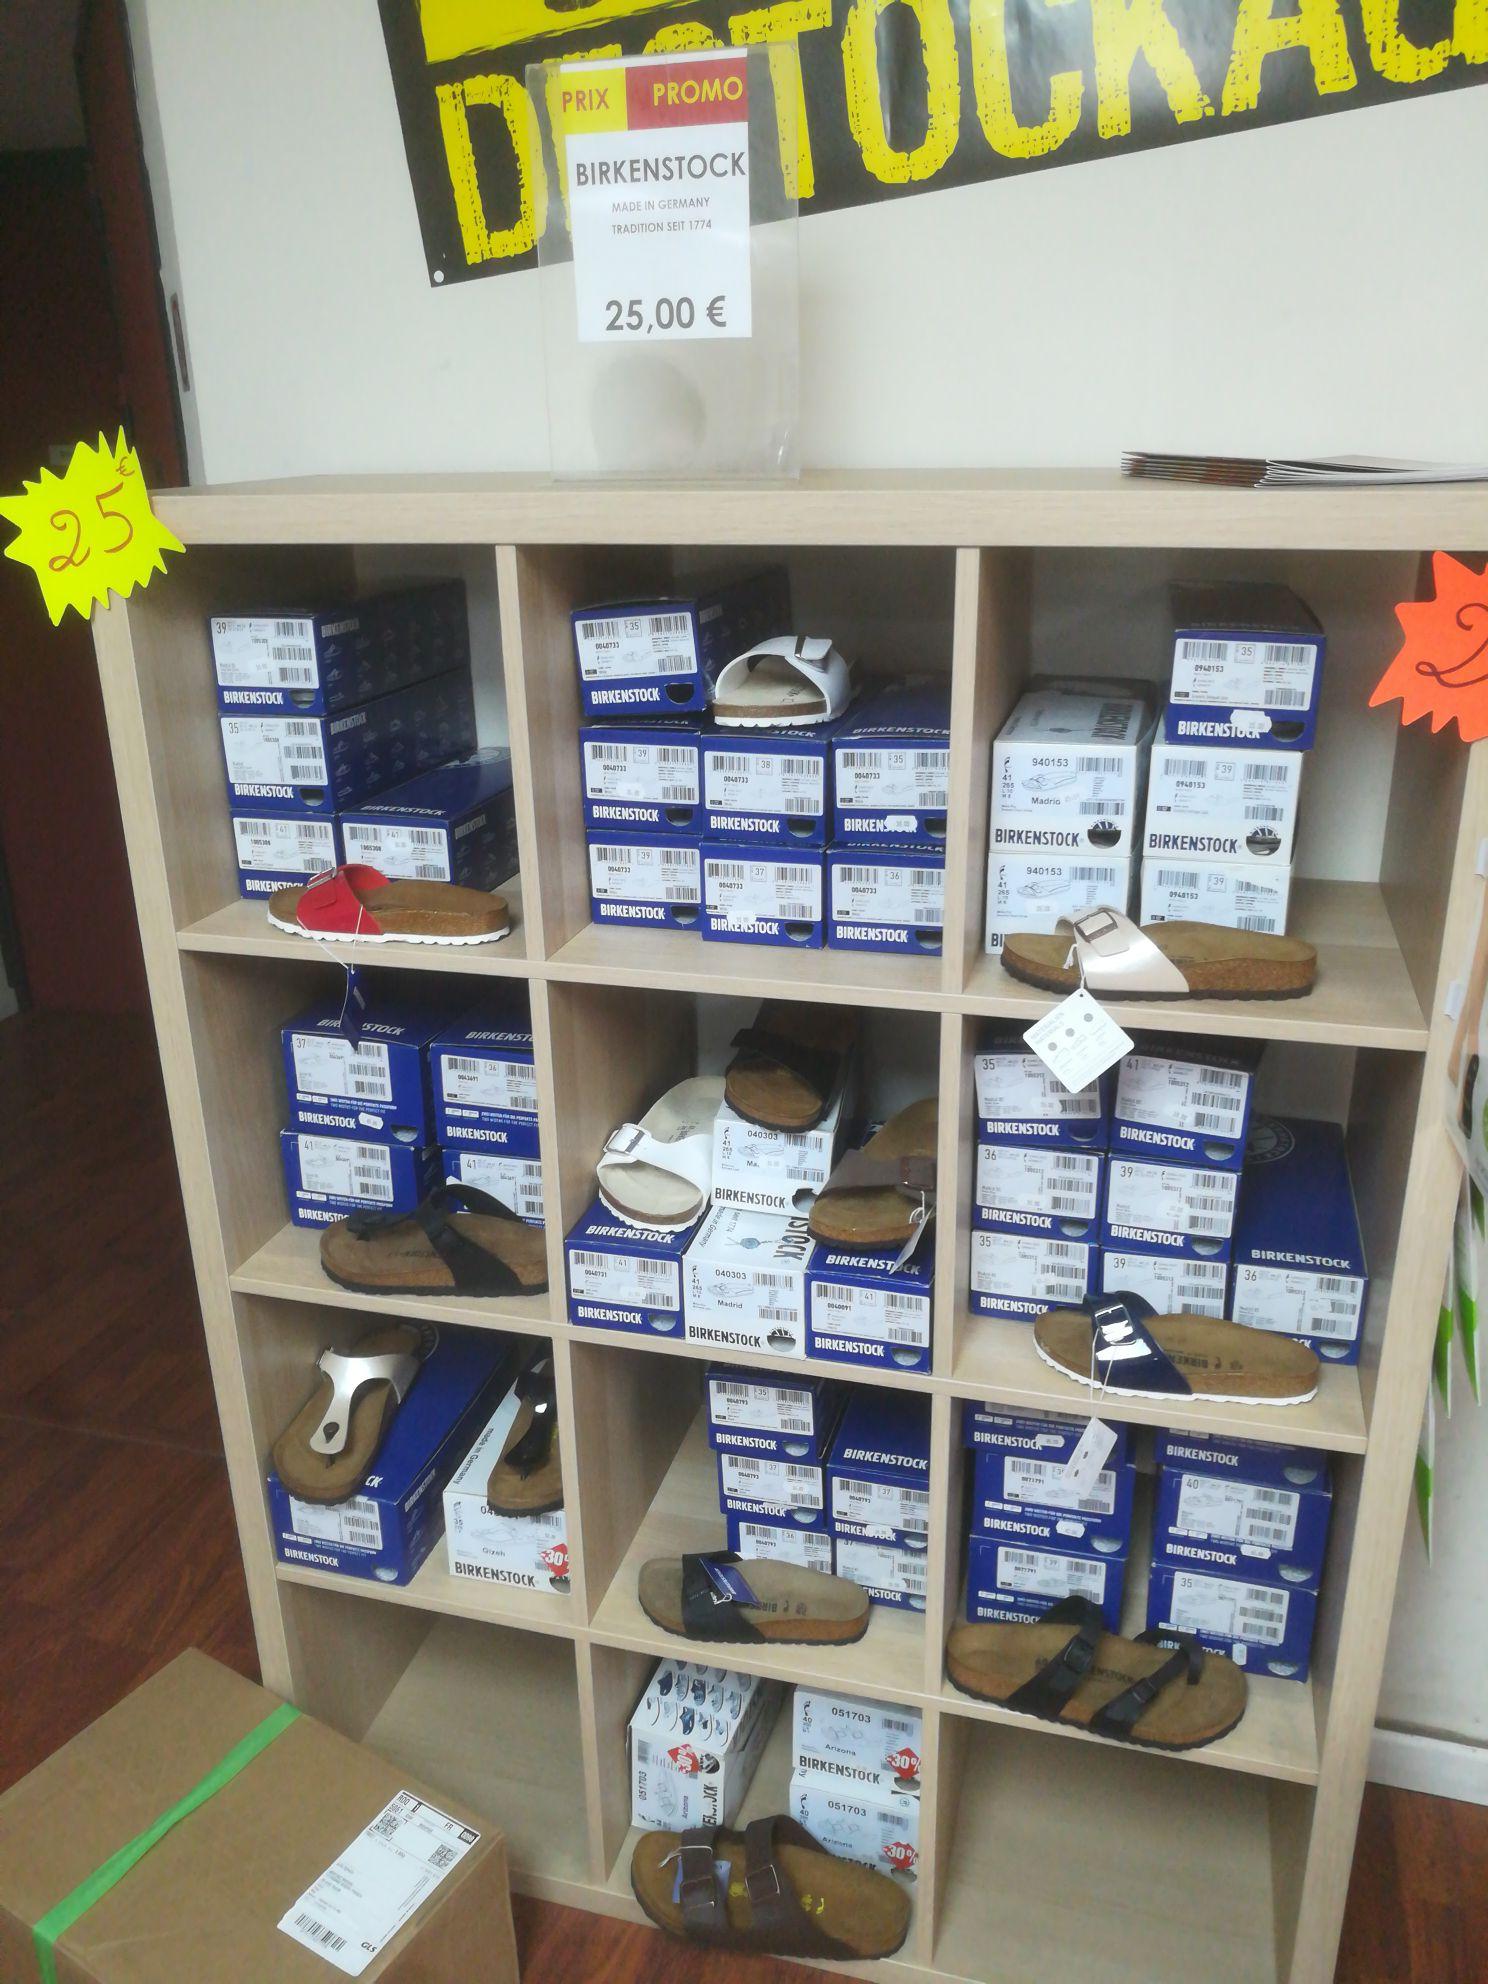 Sélection de chaussures Birkenstock à 25€ - Cap Vital Santé Médico Sud Toulon (83)